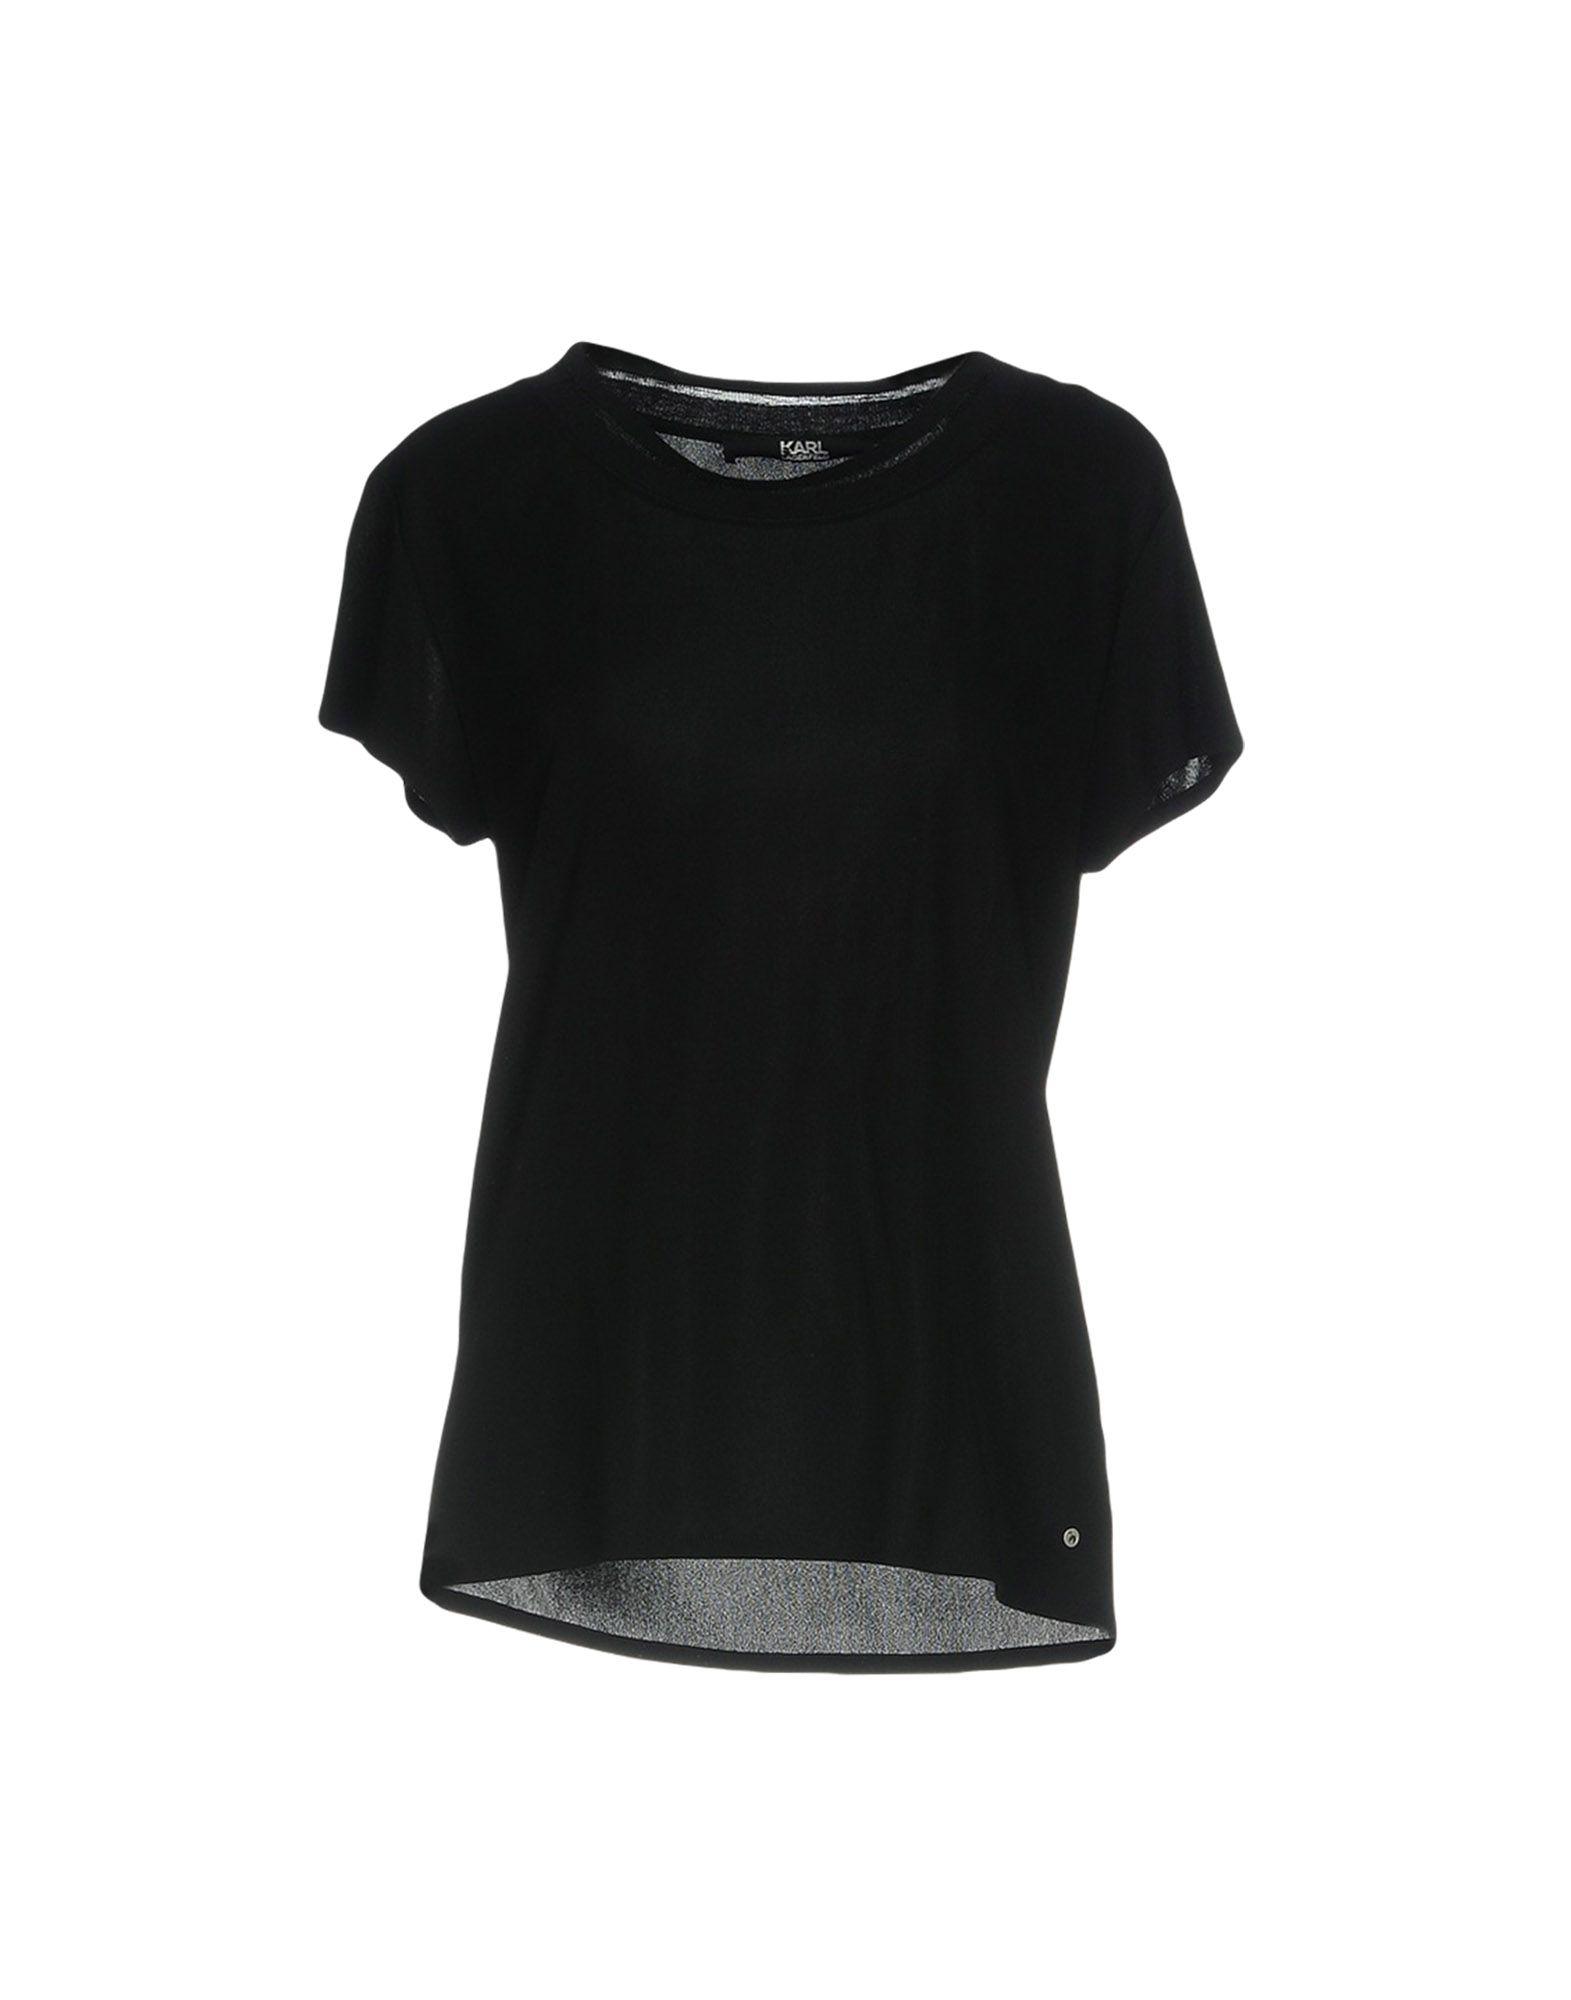 T-Shirt Karl Lagerfeld Donna - Acquista online su 67oC42bU